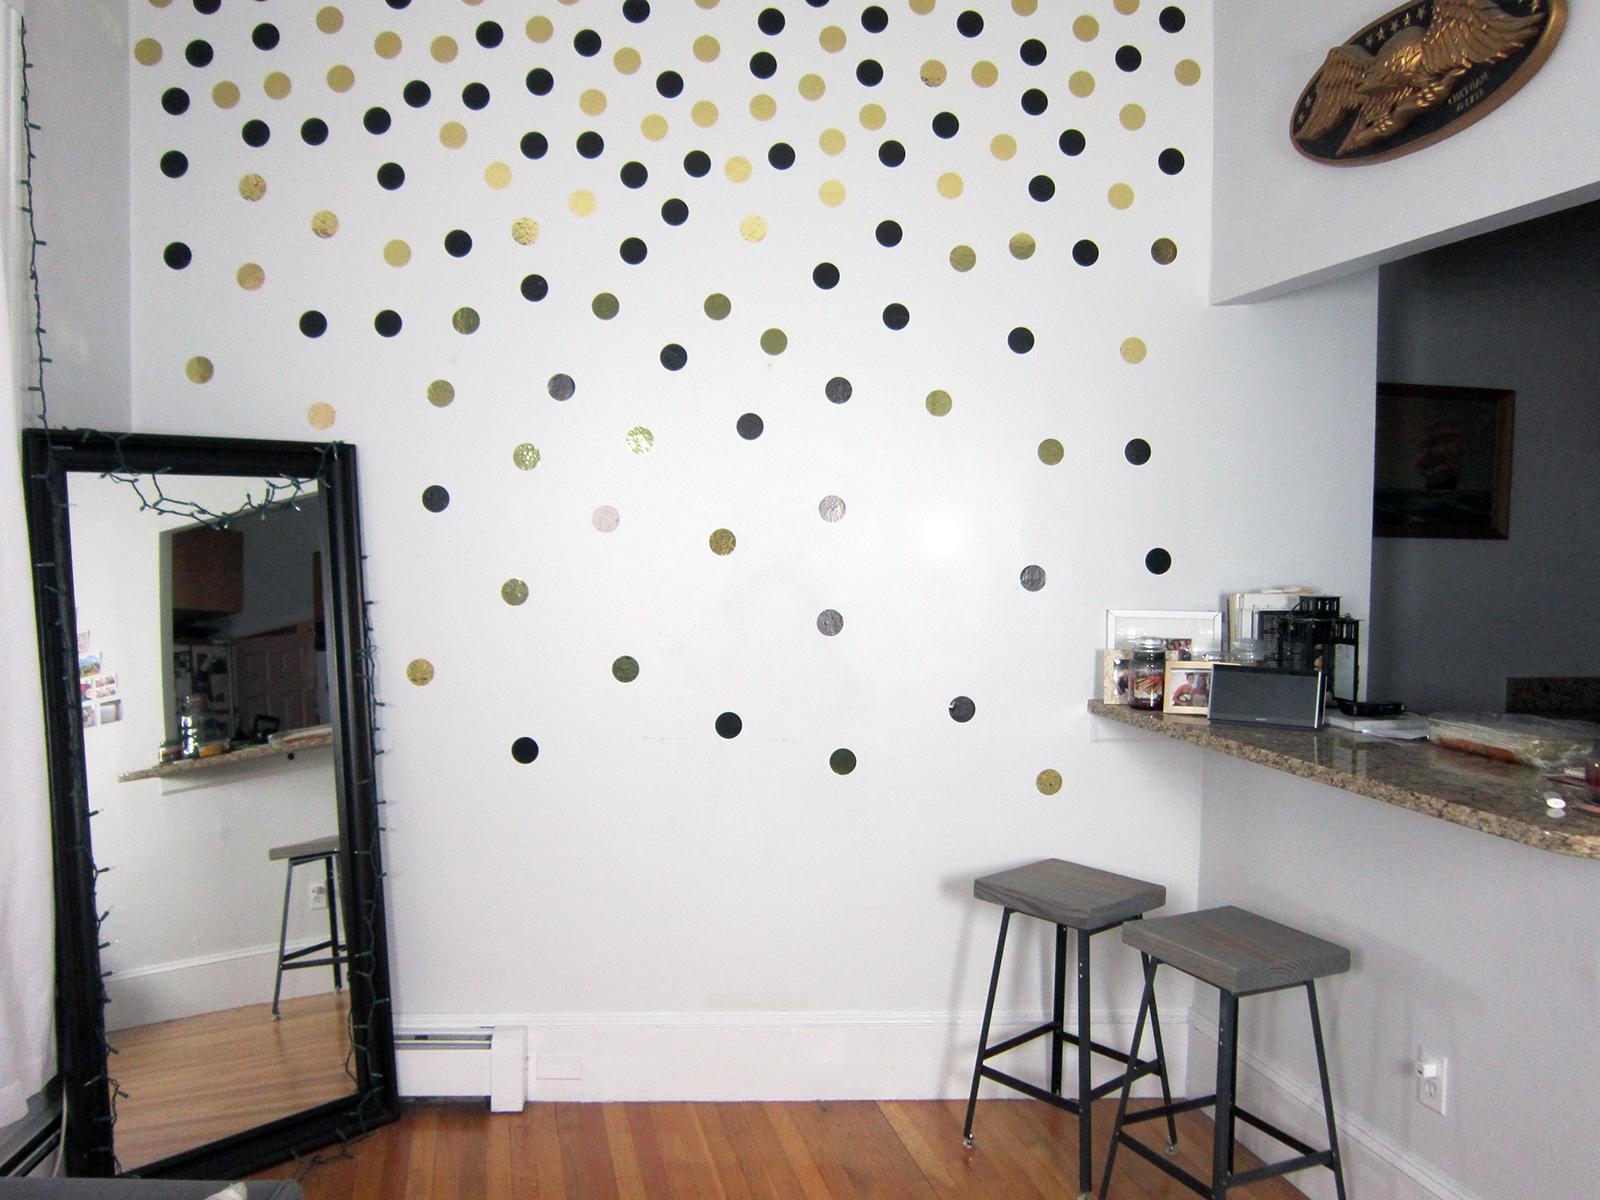 wallpops confetti dots